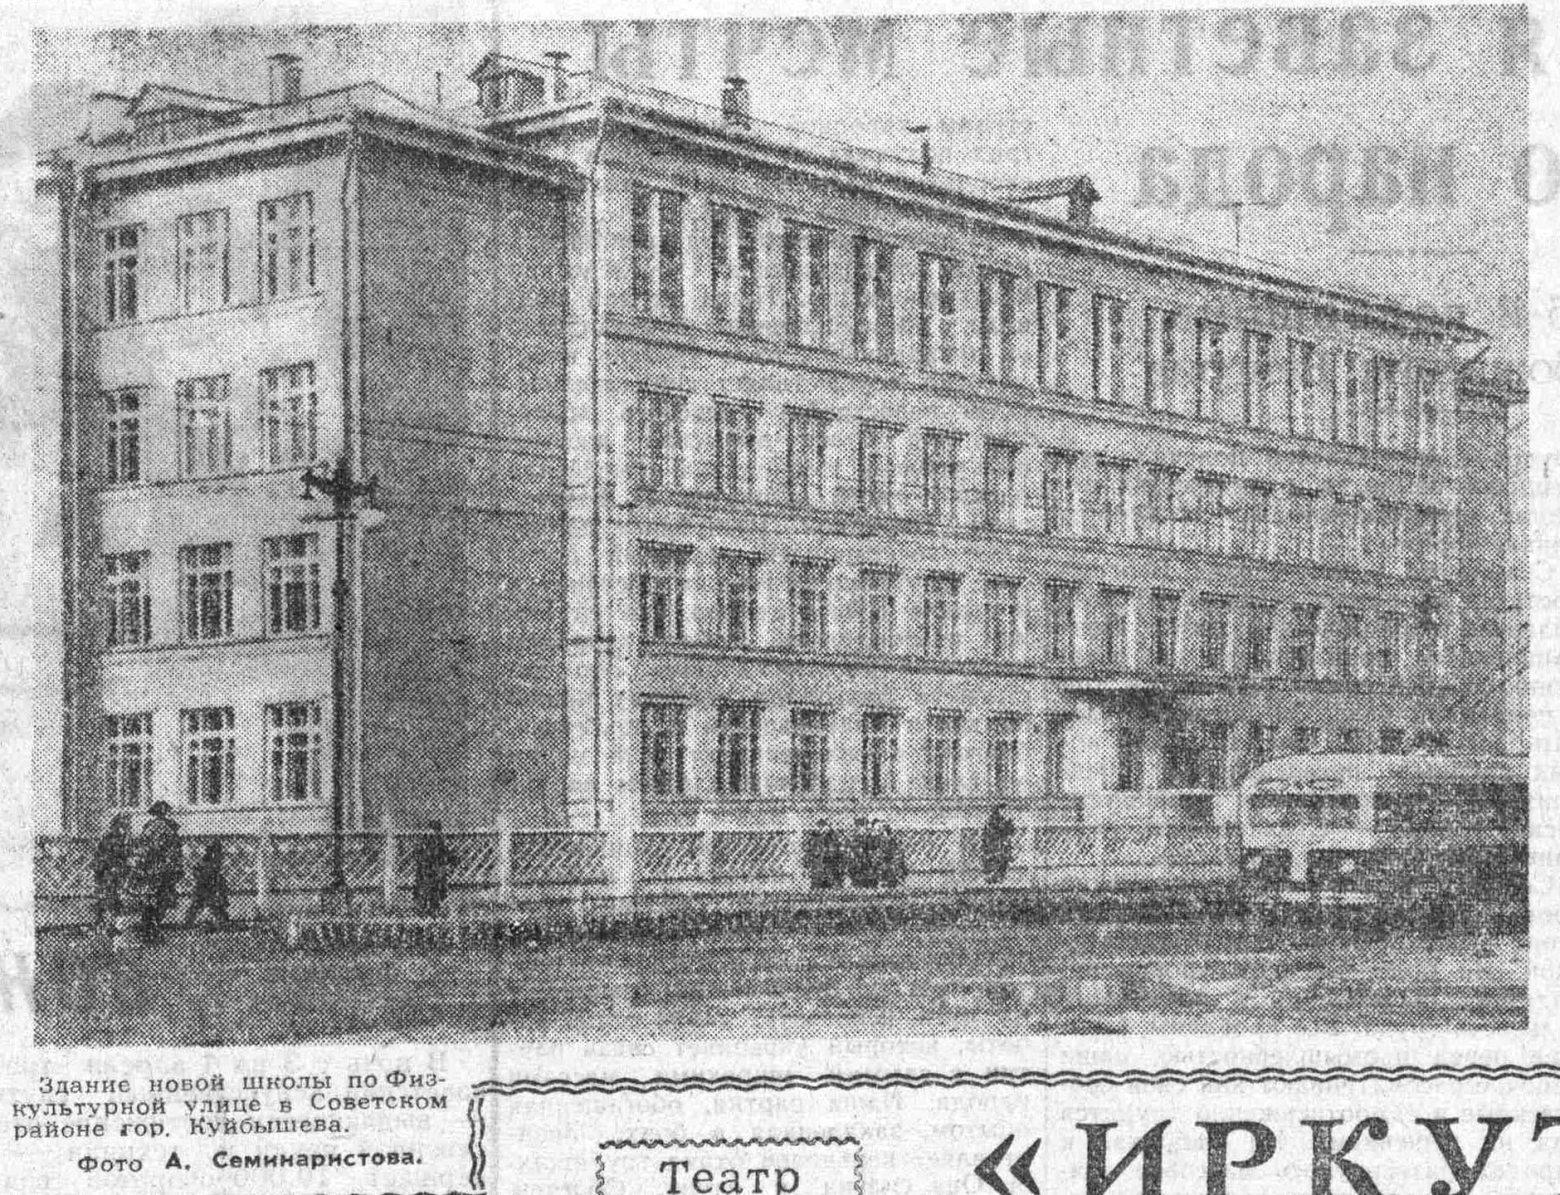 Физкультурная-ФОТО-32-ВКа-1960-04-03-новая школа на Физк.-min